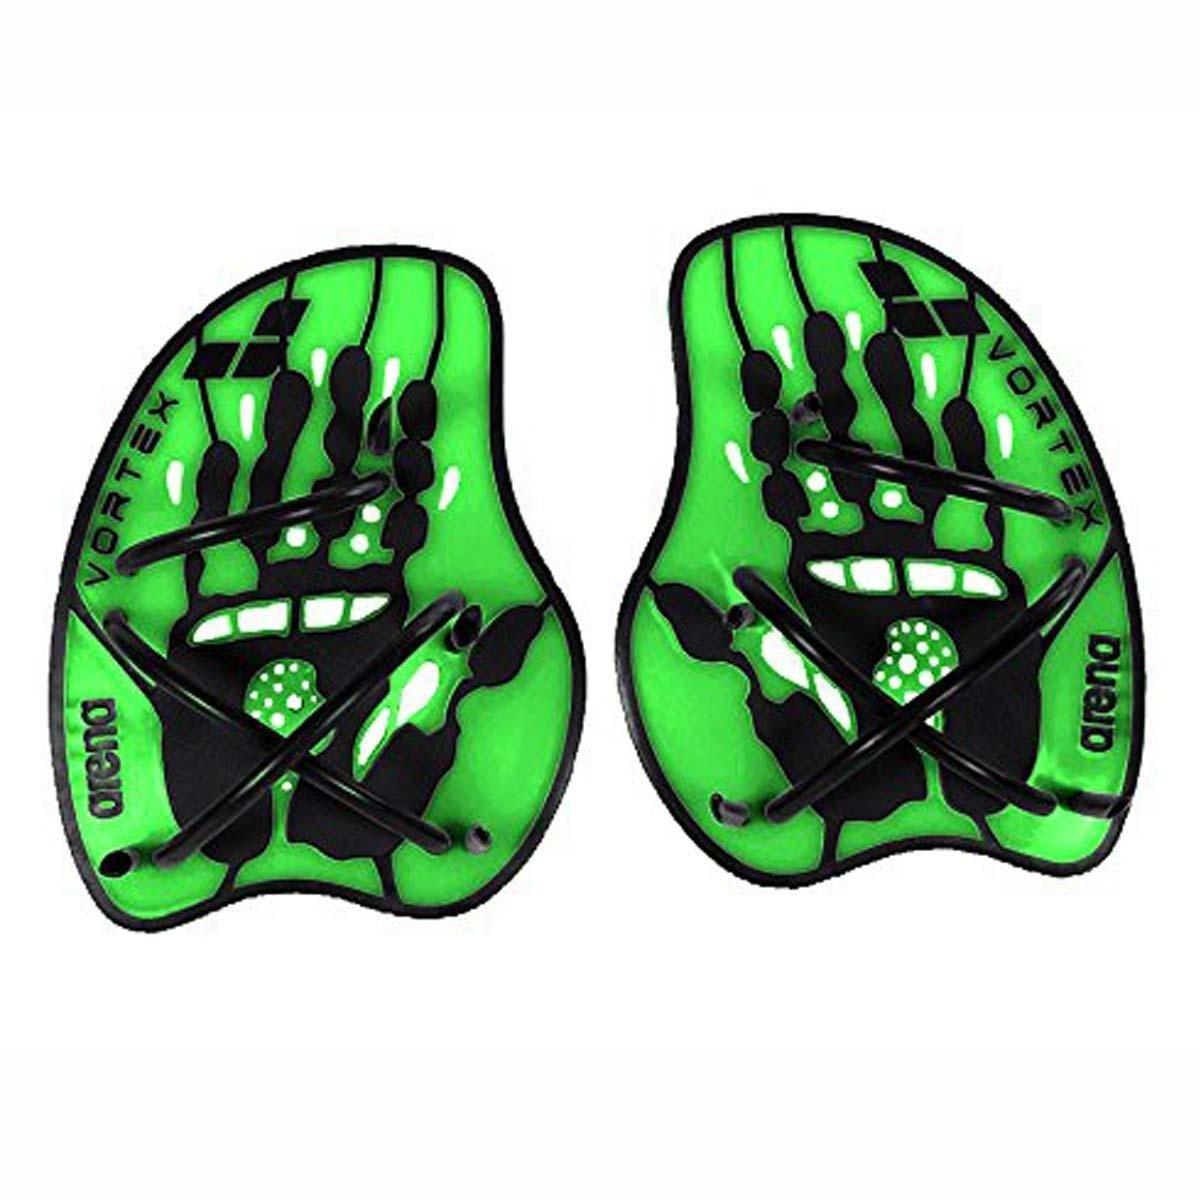 2e58d4a2363 Palmar de Natação Arena Vortex Evolution - Verde - Compre Agora ...